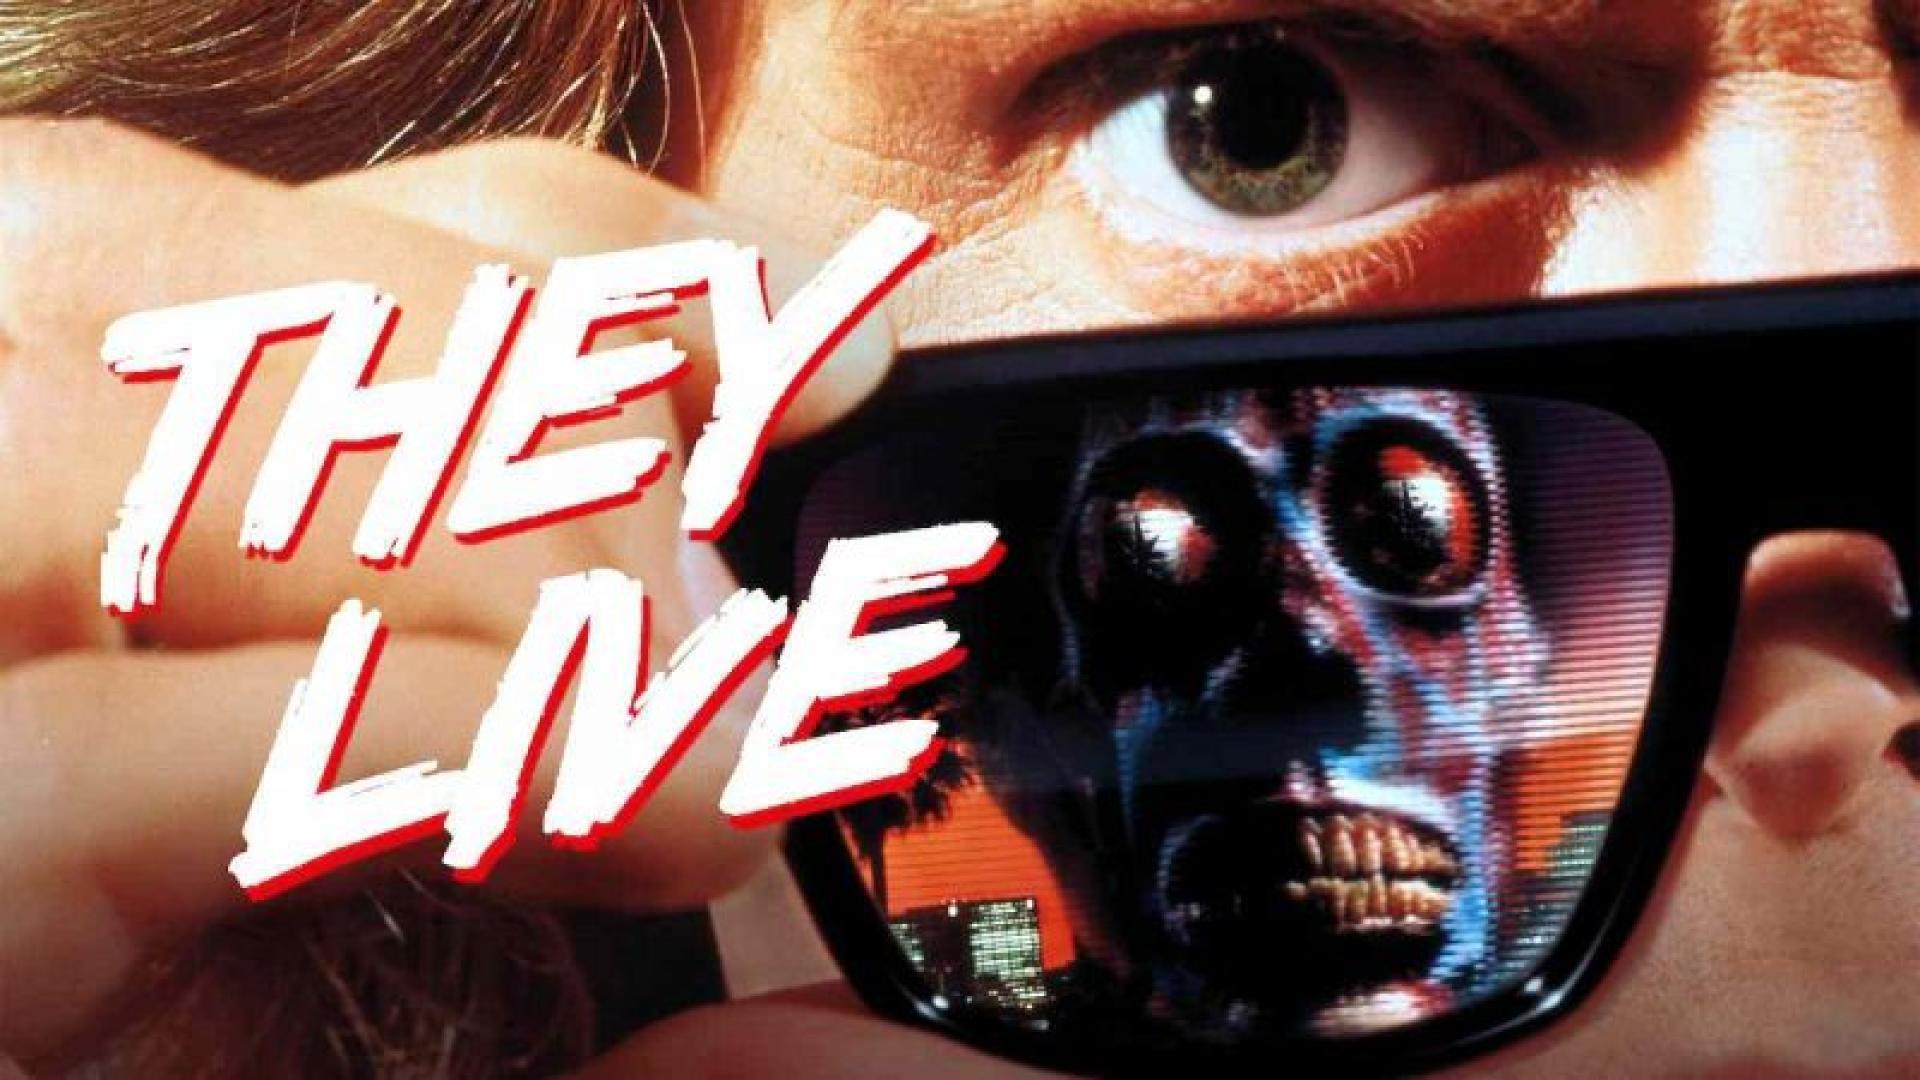 They Live - Elpusztíthatatlanok (1988)